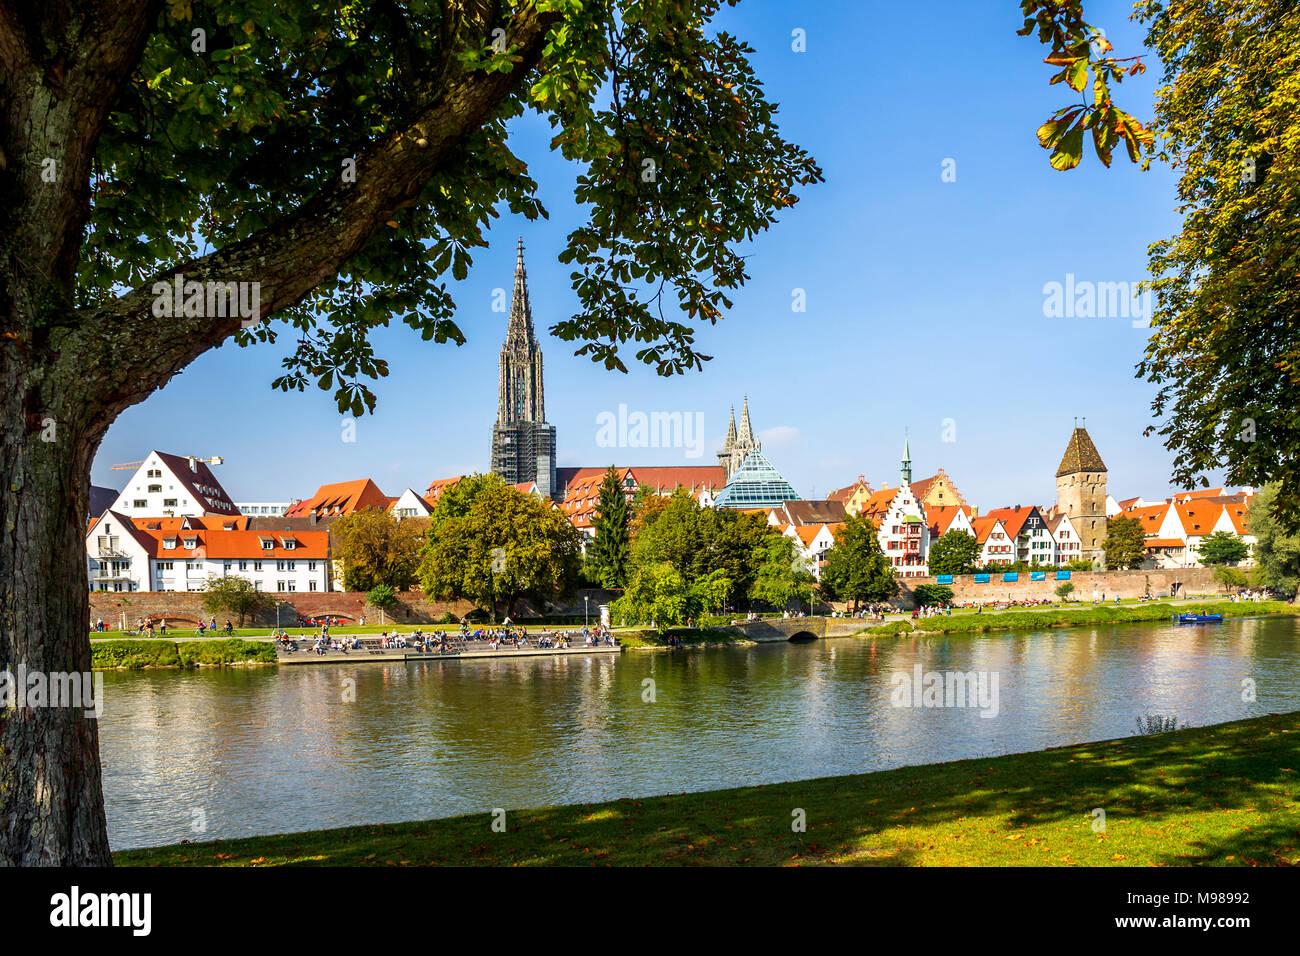 Alemania, Baden-Wuerttemberg, Ulm, Ulm Minster y el río Danubio Foto de stock